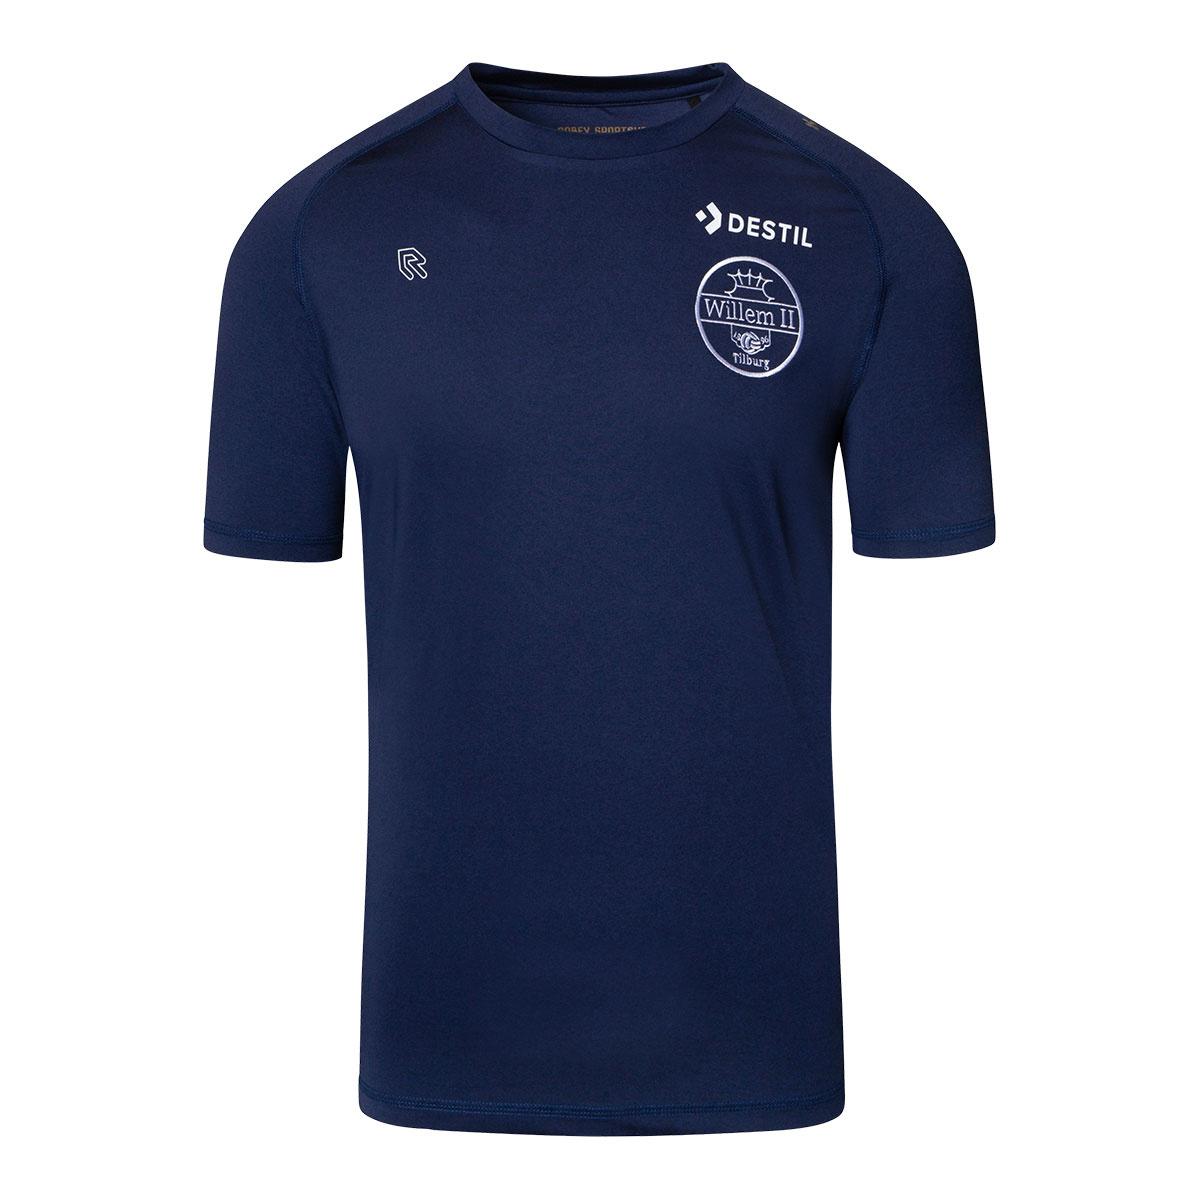 Robey Willem II shirt thuisshirt junior 2019 - 2020